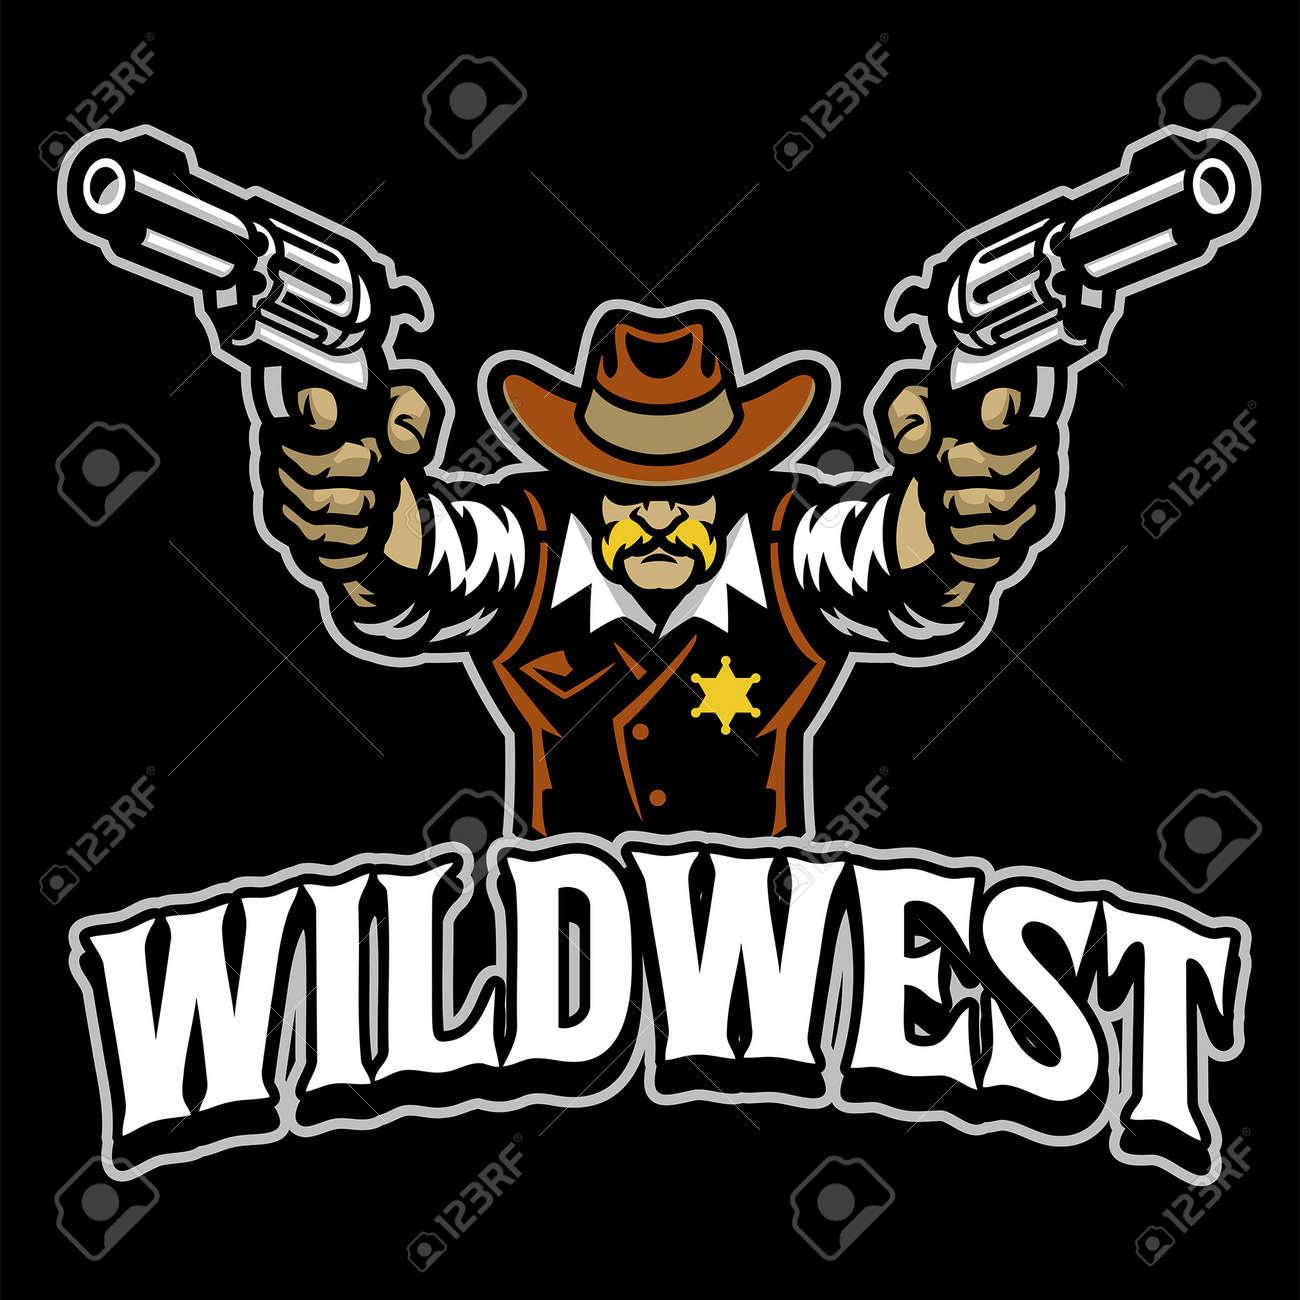 Cowboy mascot character with guns - 169099659